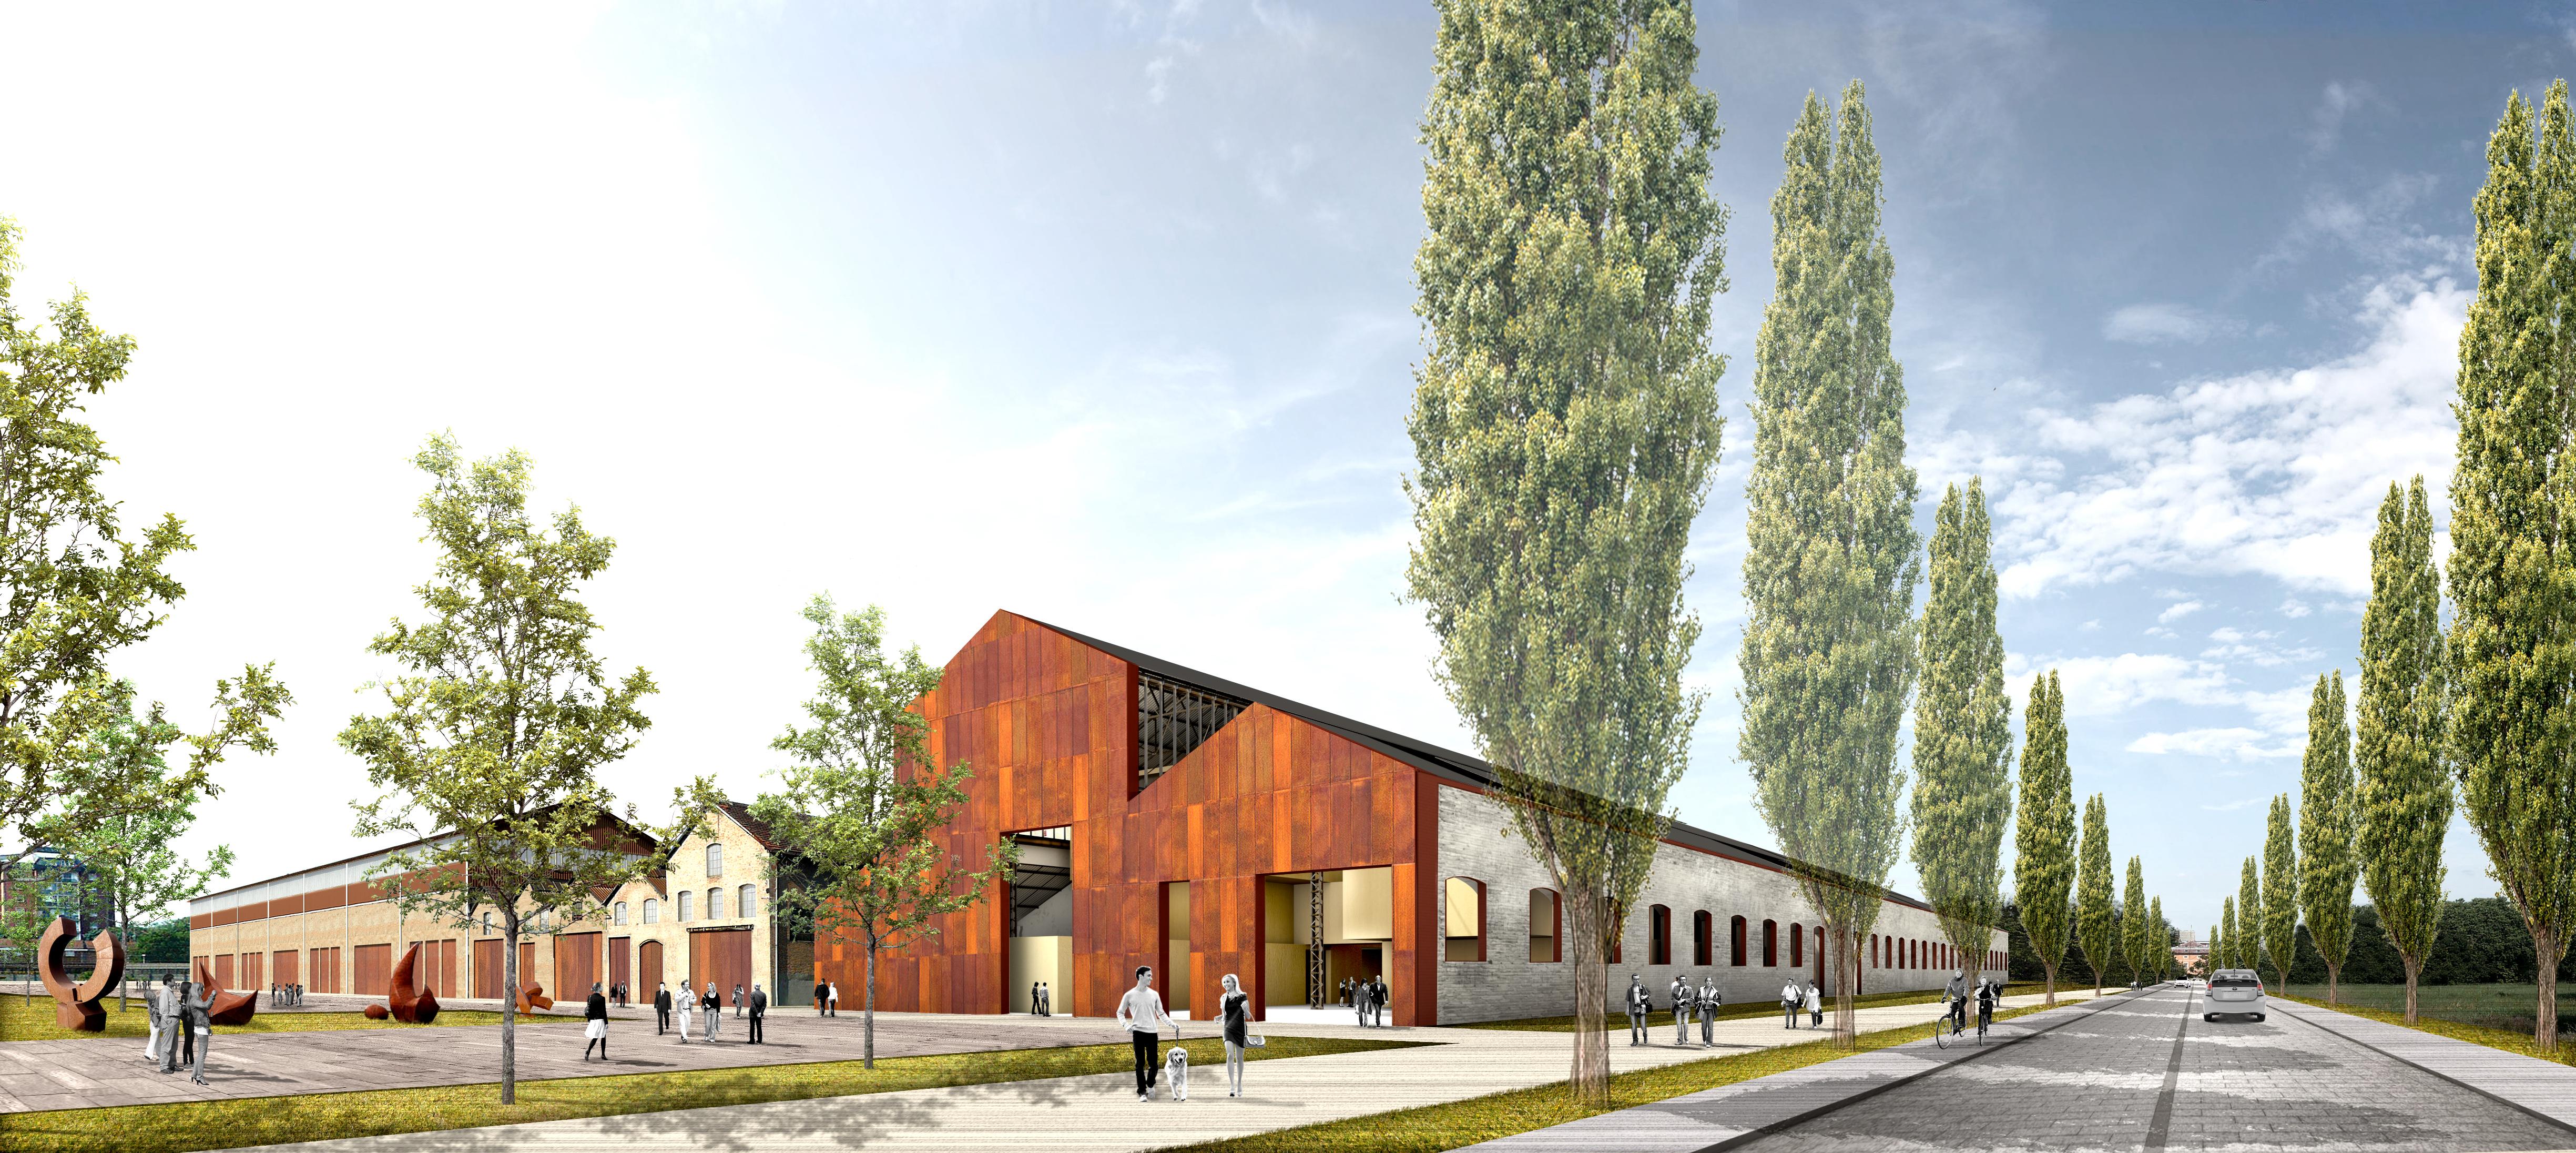 Ente locale investitore immobiliare per attivare l for Piani di progettazione moderni capannone